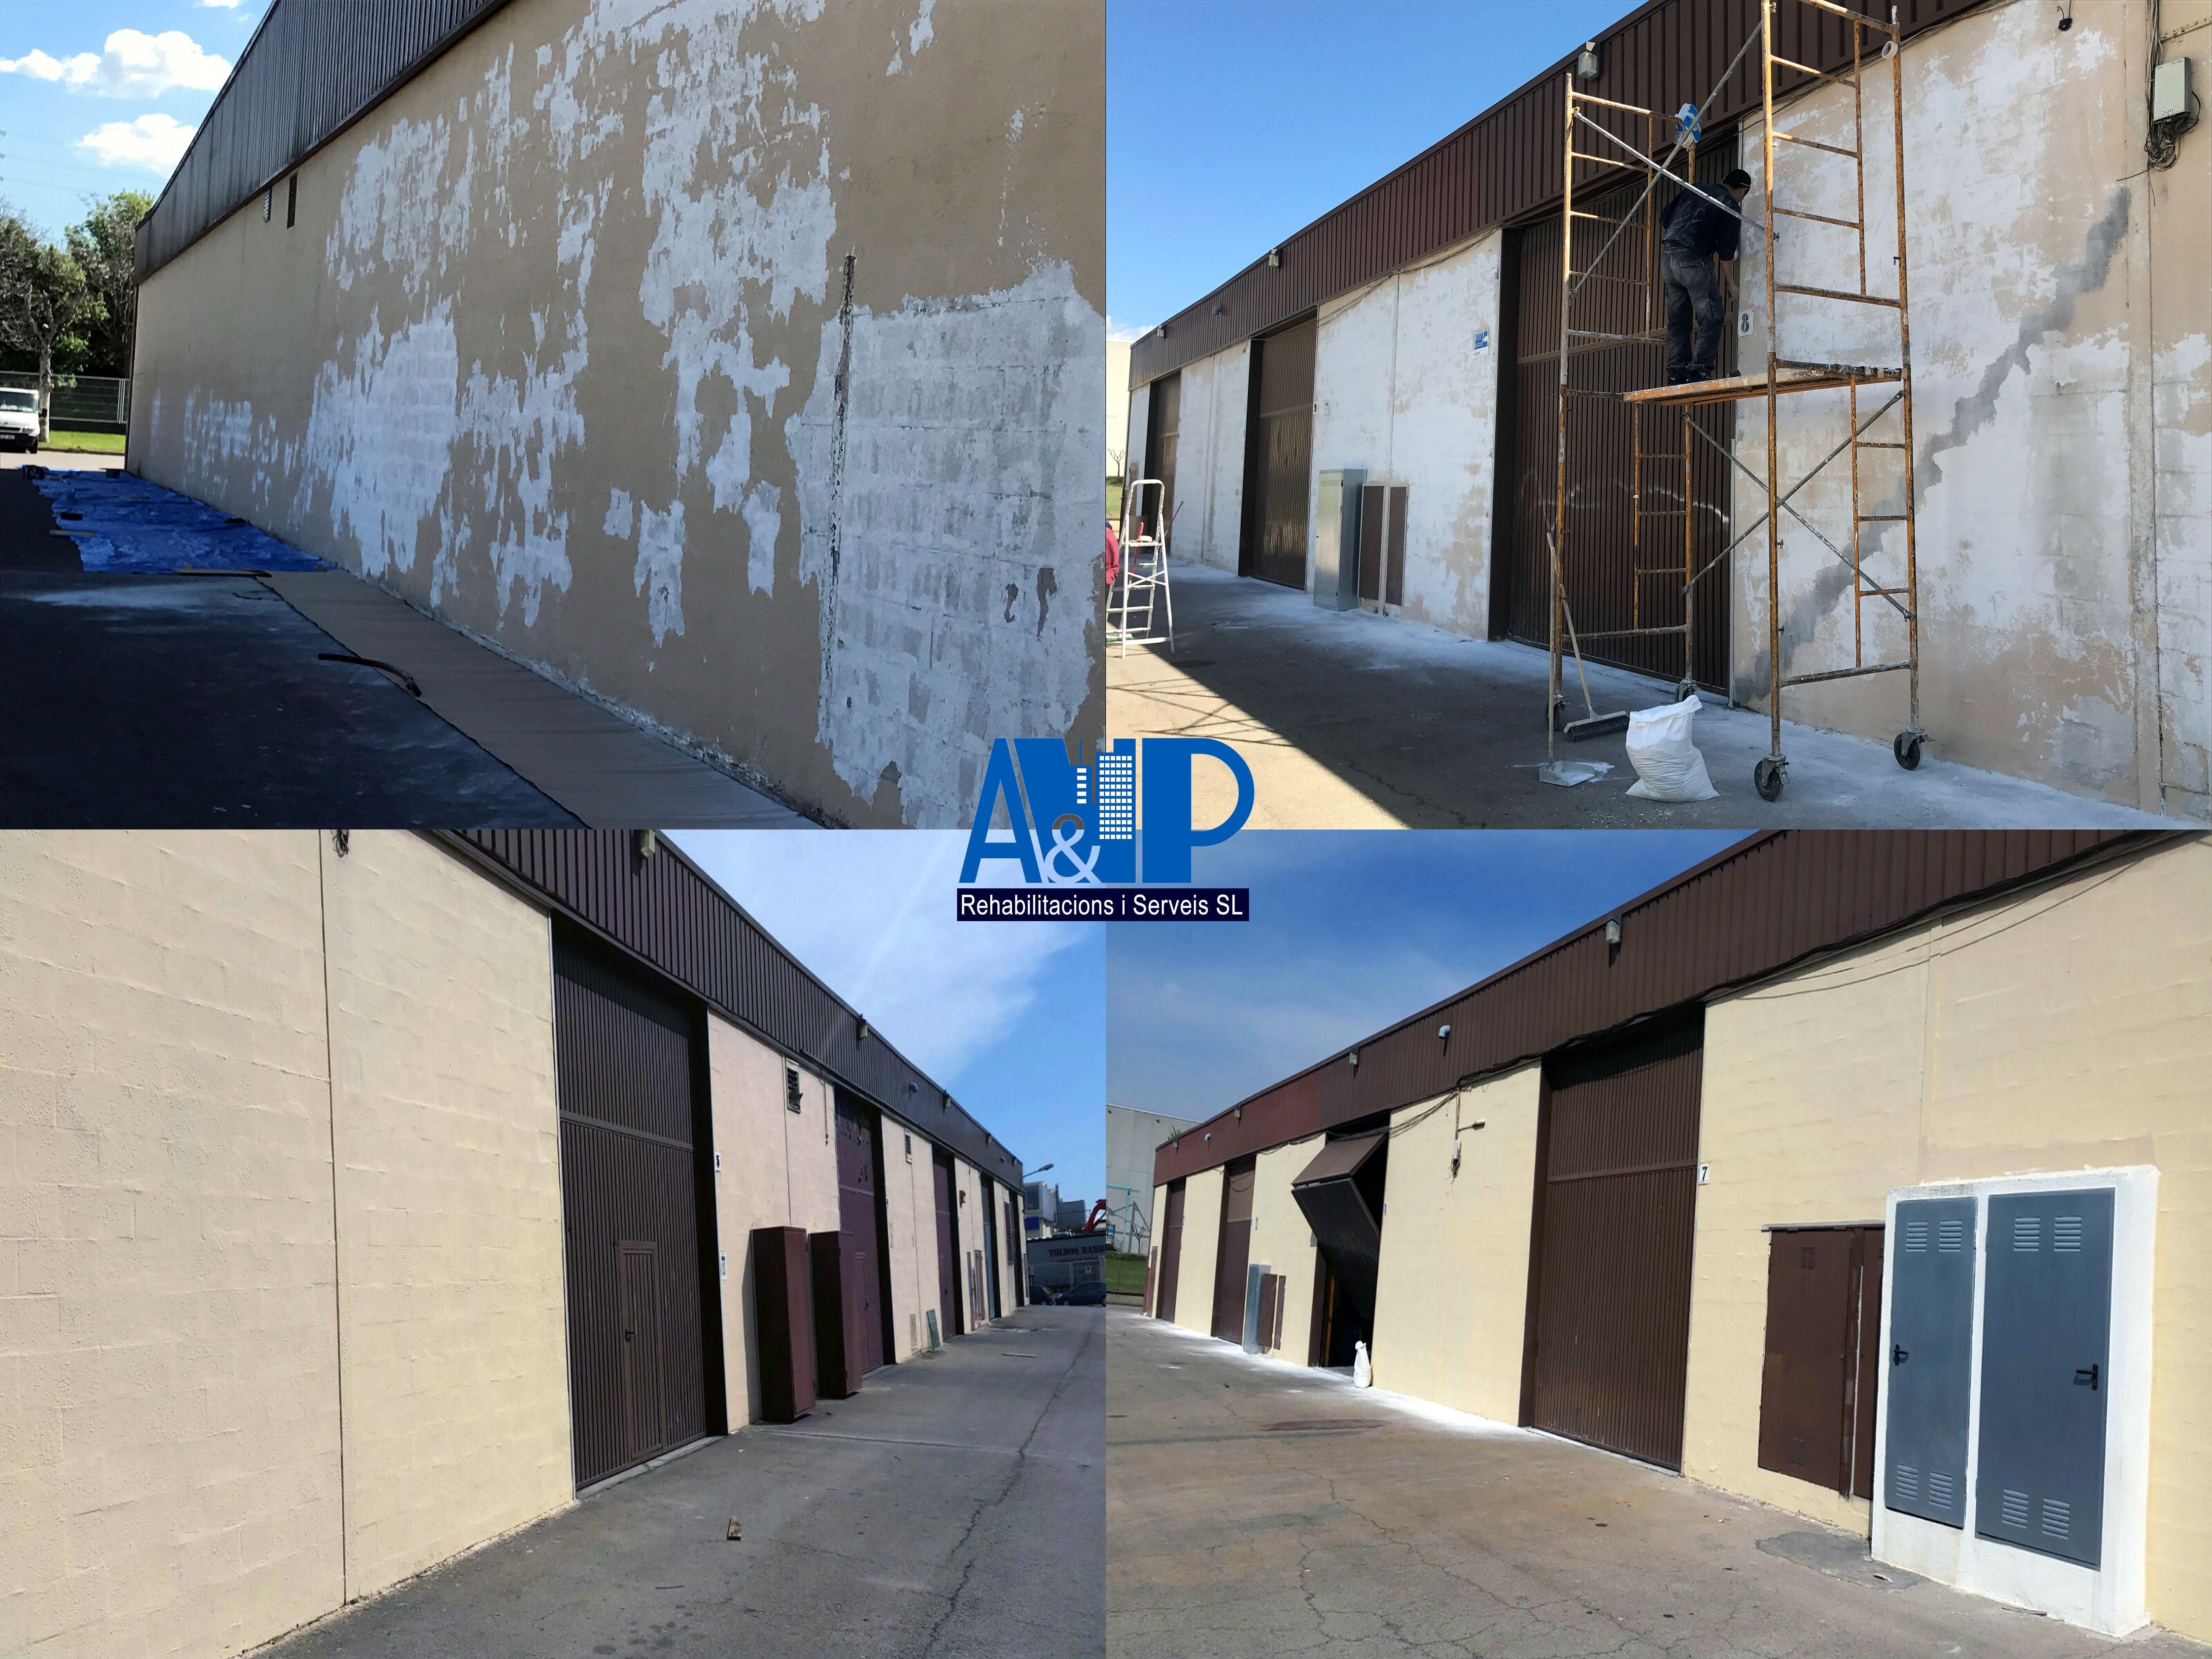 Saneamiento y Rehabilitación de Naves Industriales, http://www.ap ...